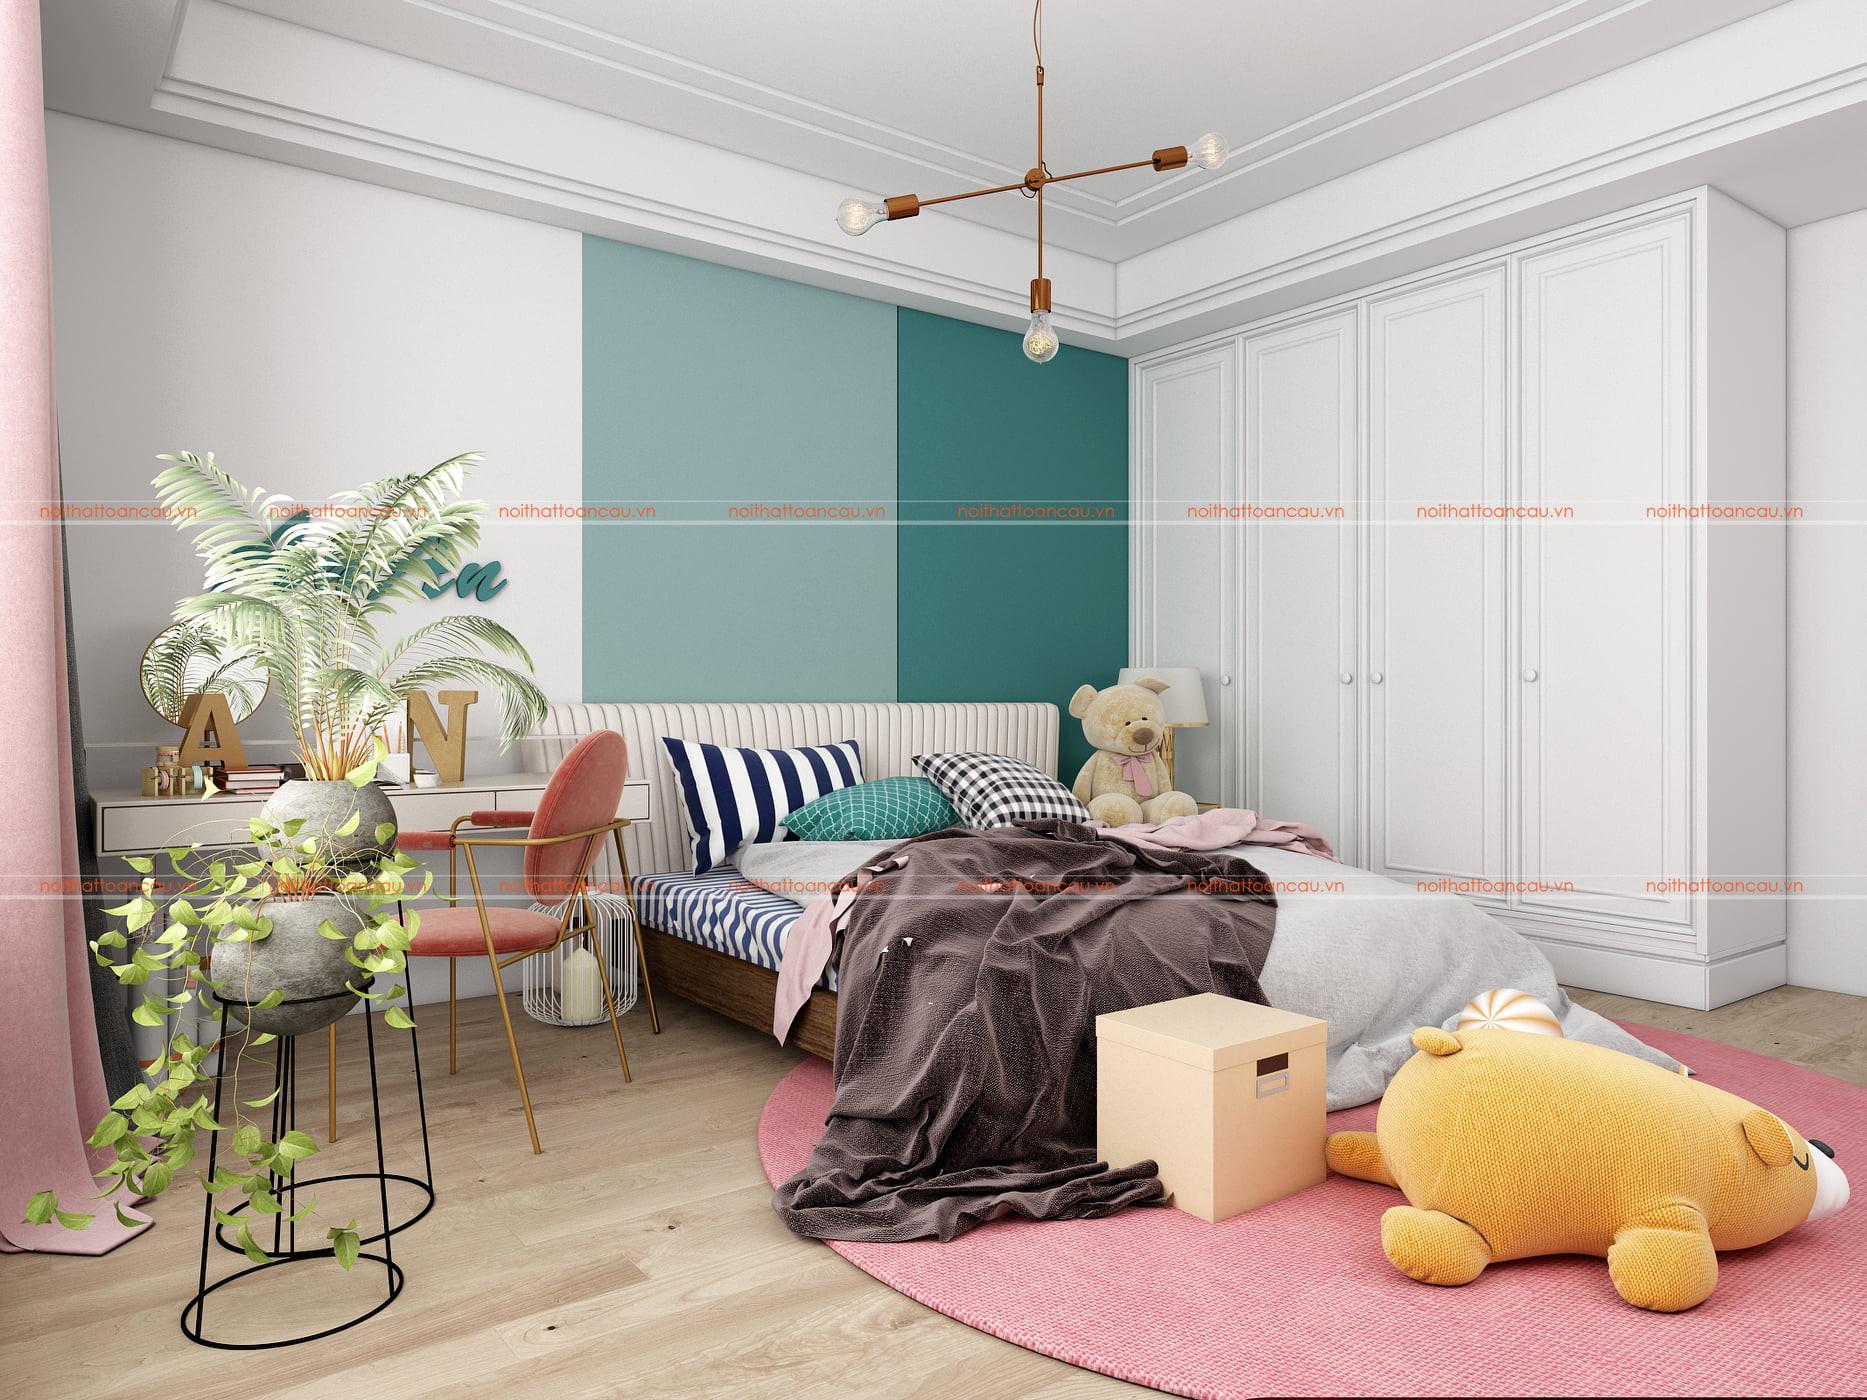 Thiết kế phòng ngủ màu xanh  và hồng cho bé gái